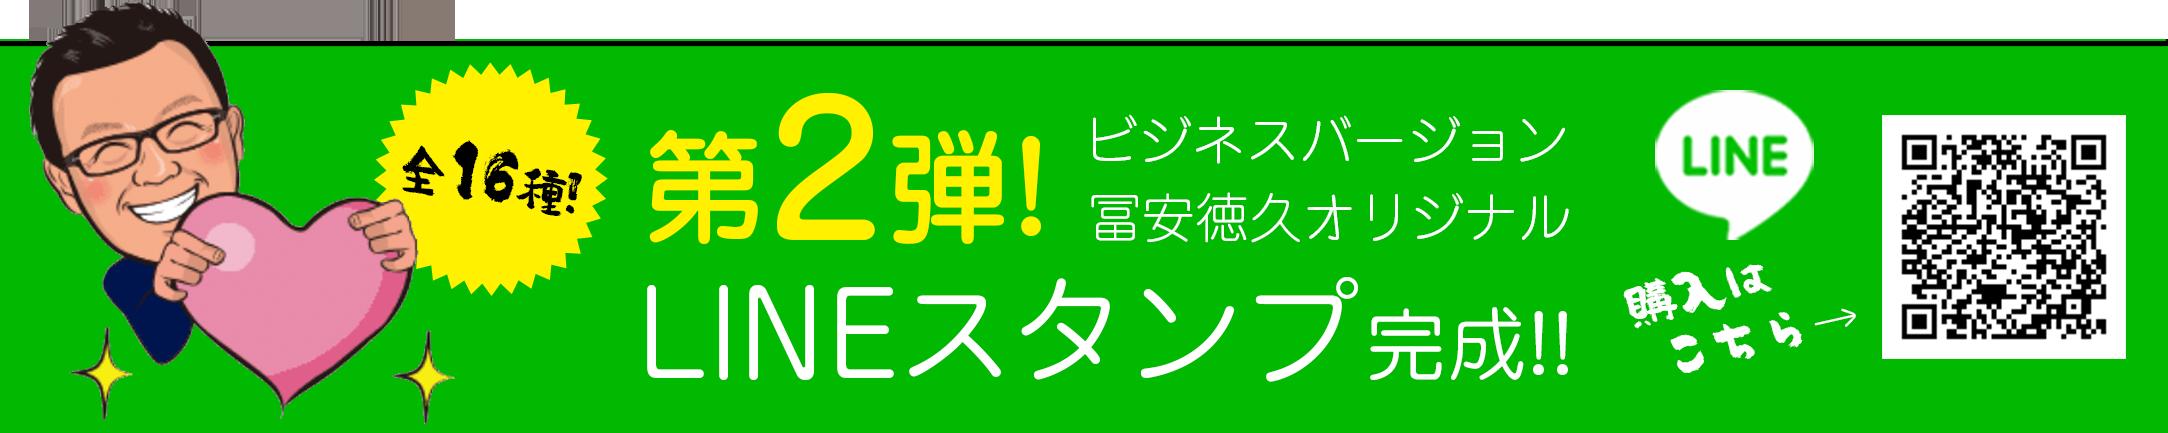 第2弾!ビジネスバージョン 冨安徳久オリジナルLINEスタンプ完成!! 全16種 ご購入はこちら